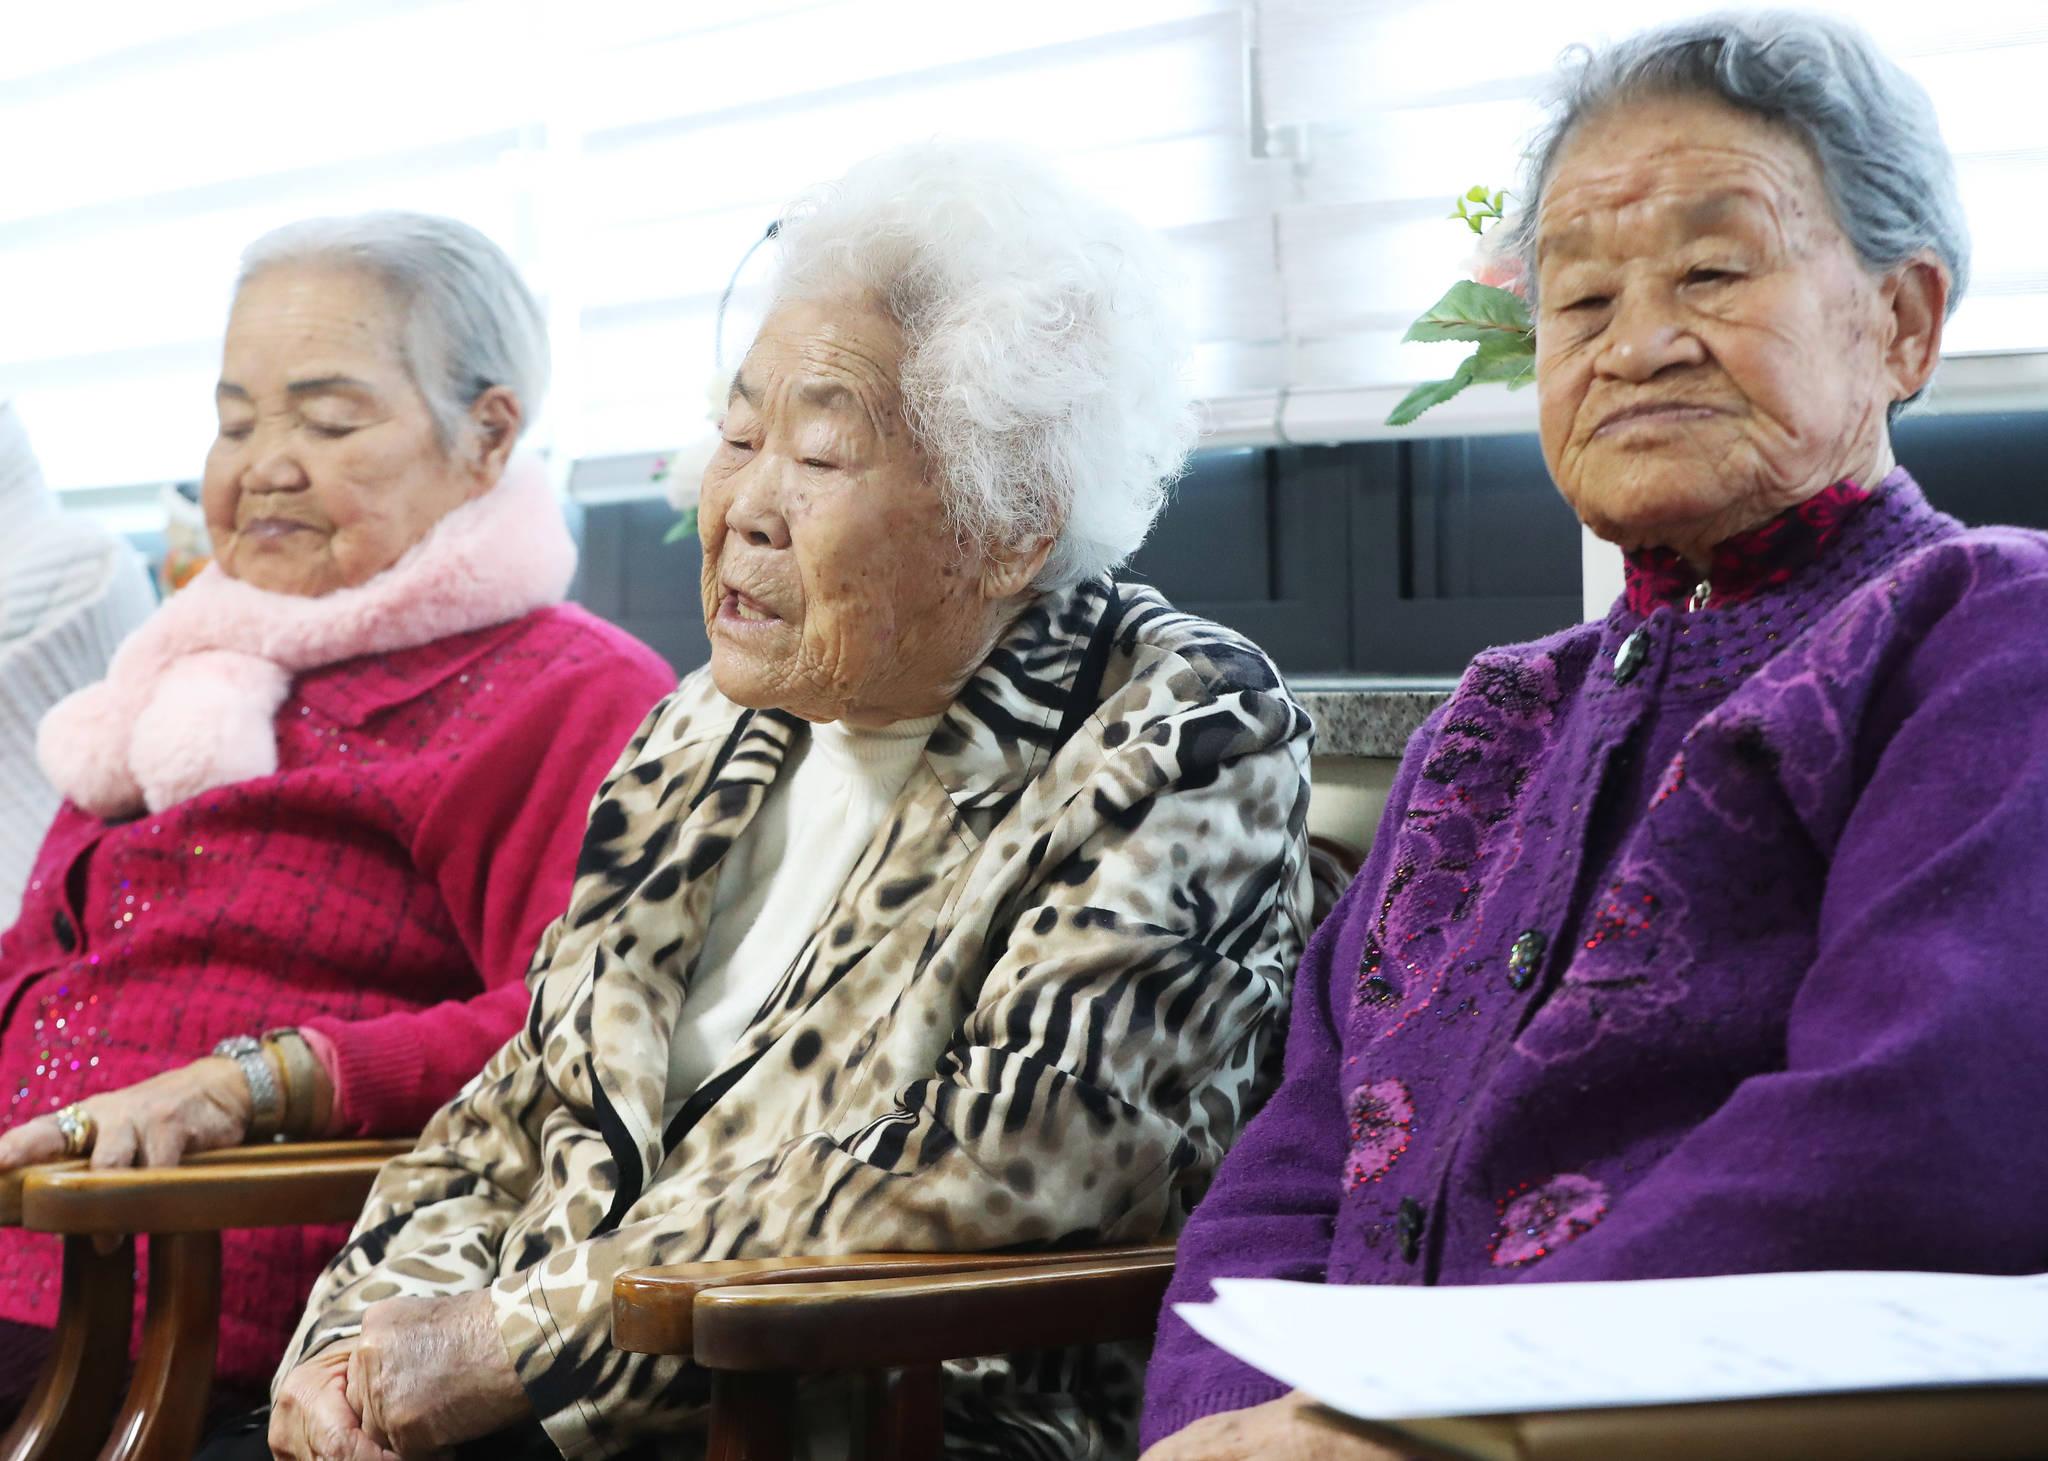 올해 1월 9일 오후 경기도 광주시 퇴촌면 일본군 위안부 피해 할머니들의 쉼터 나눔의집에서 이옥선 할머니(가운데)가 한일 위안부 합의 처리 방향 발표를 시청한 후 발언하고 있다. [연합뉴스]